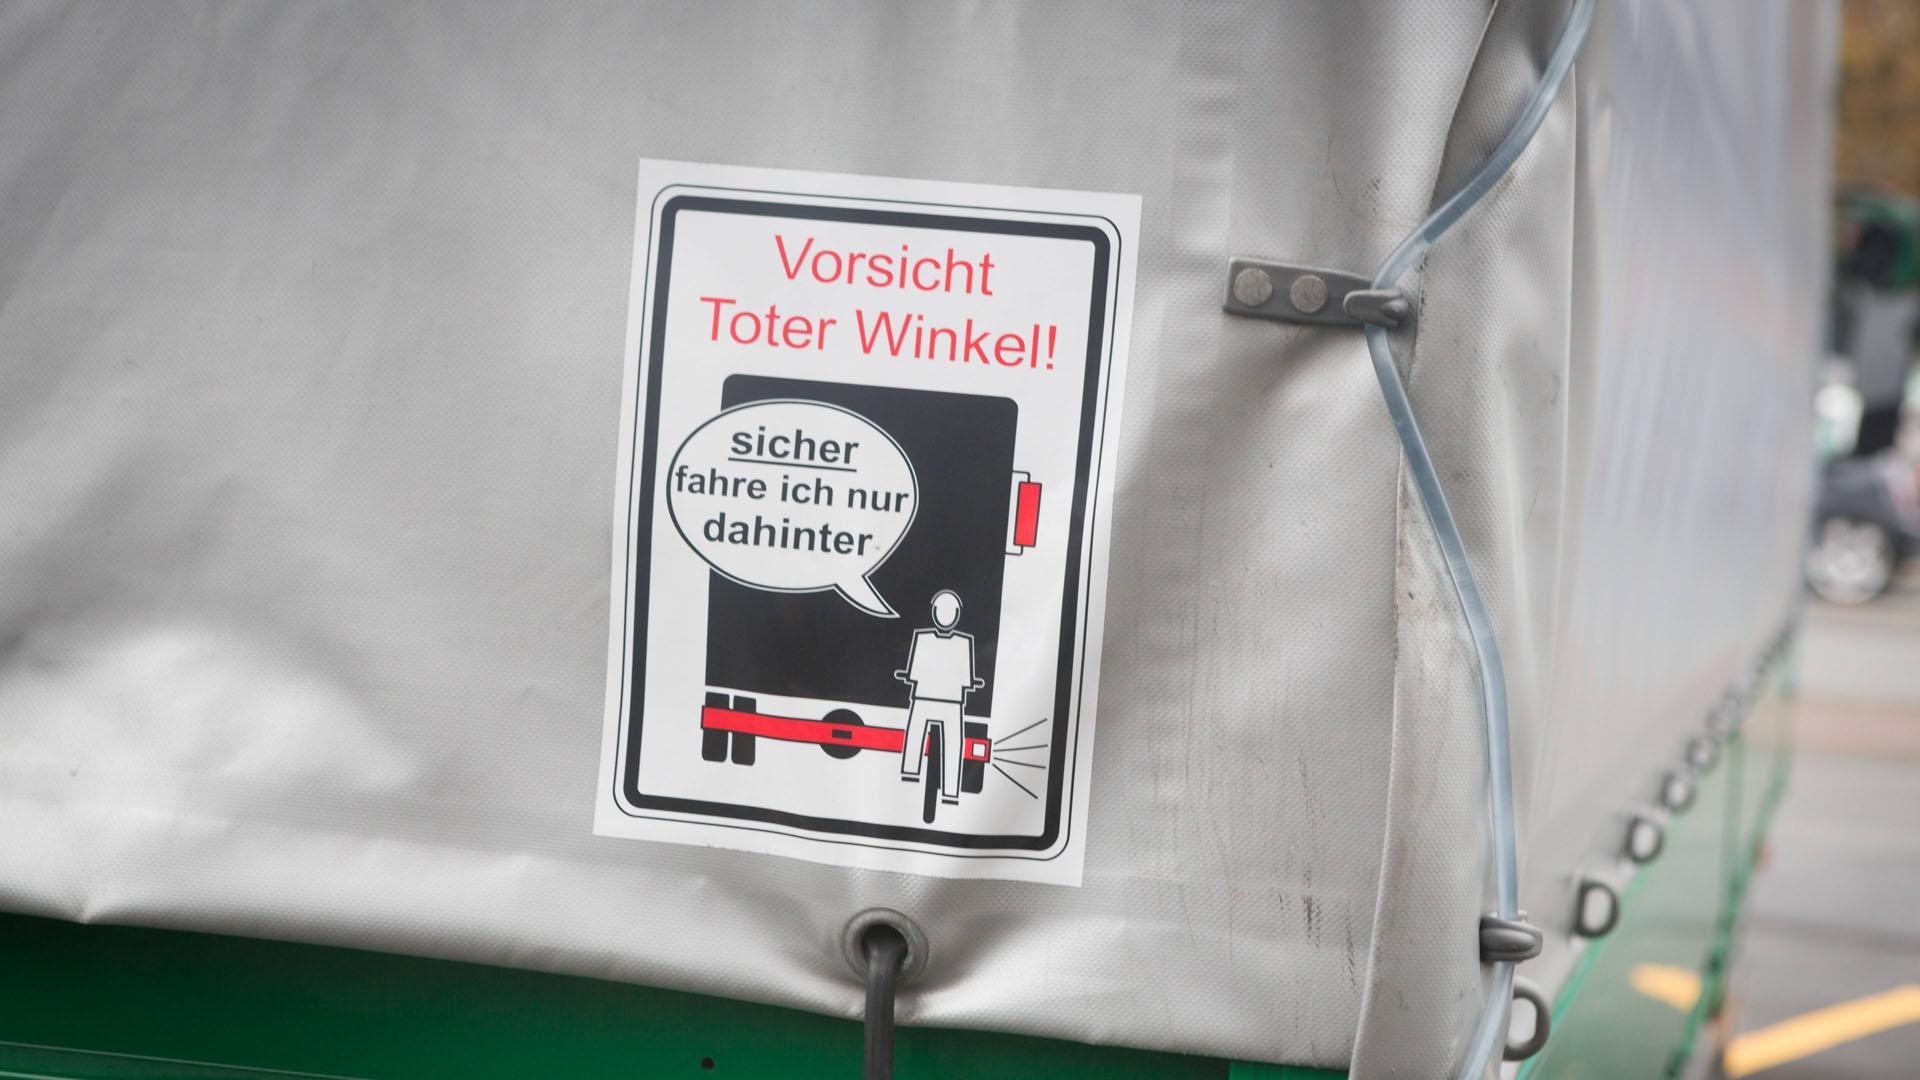 DEU Deutschland M¿ºnster 14 11 2014 Schwerpunktaktion der Polizei M¿ºnster Bei der Veranstaltun